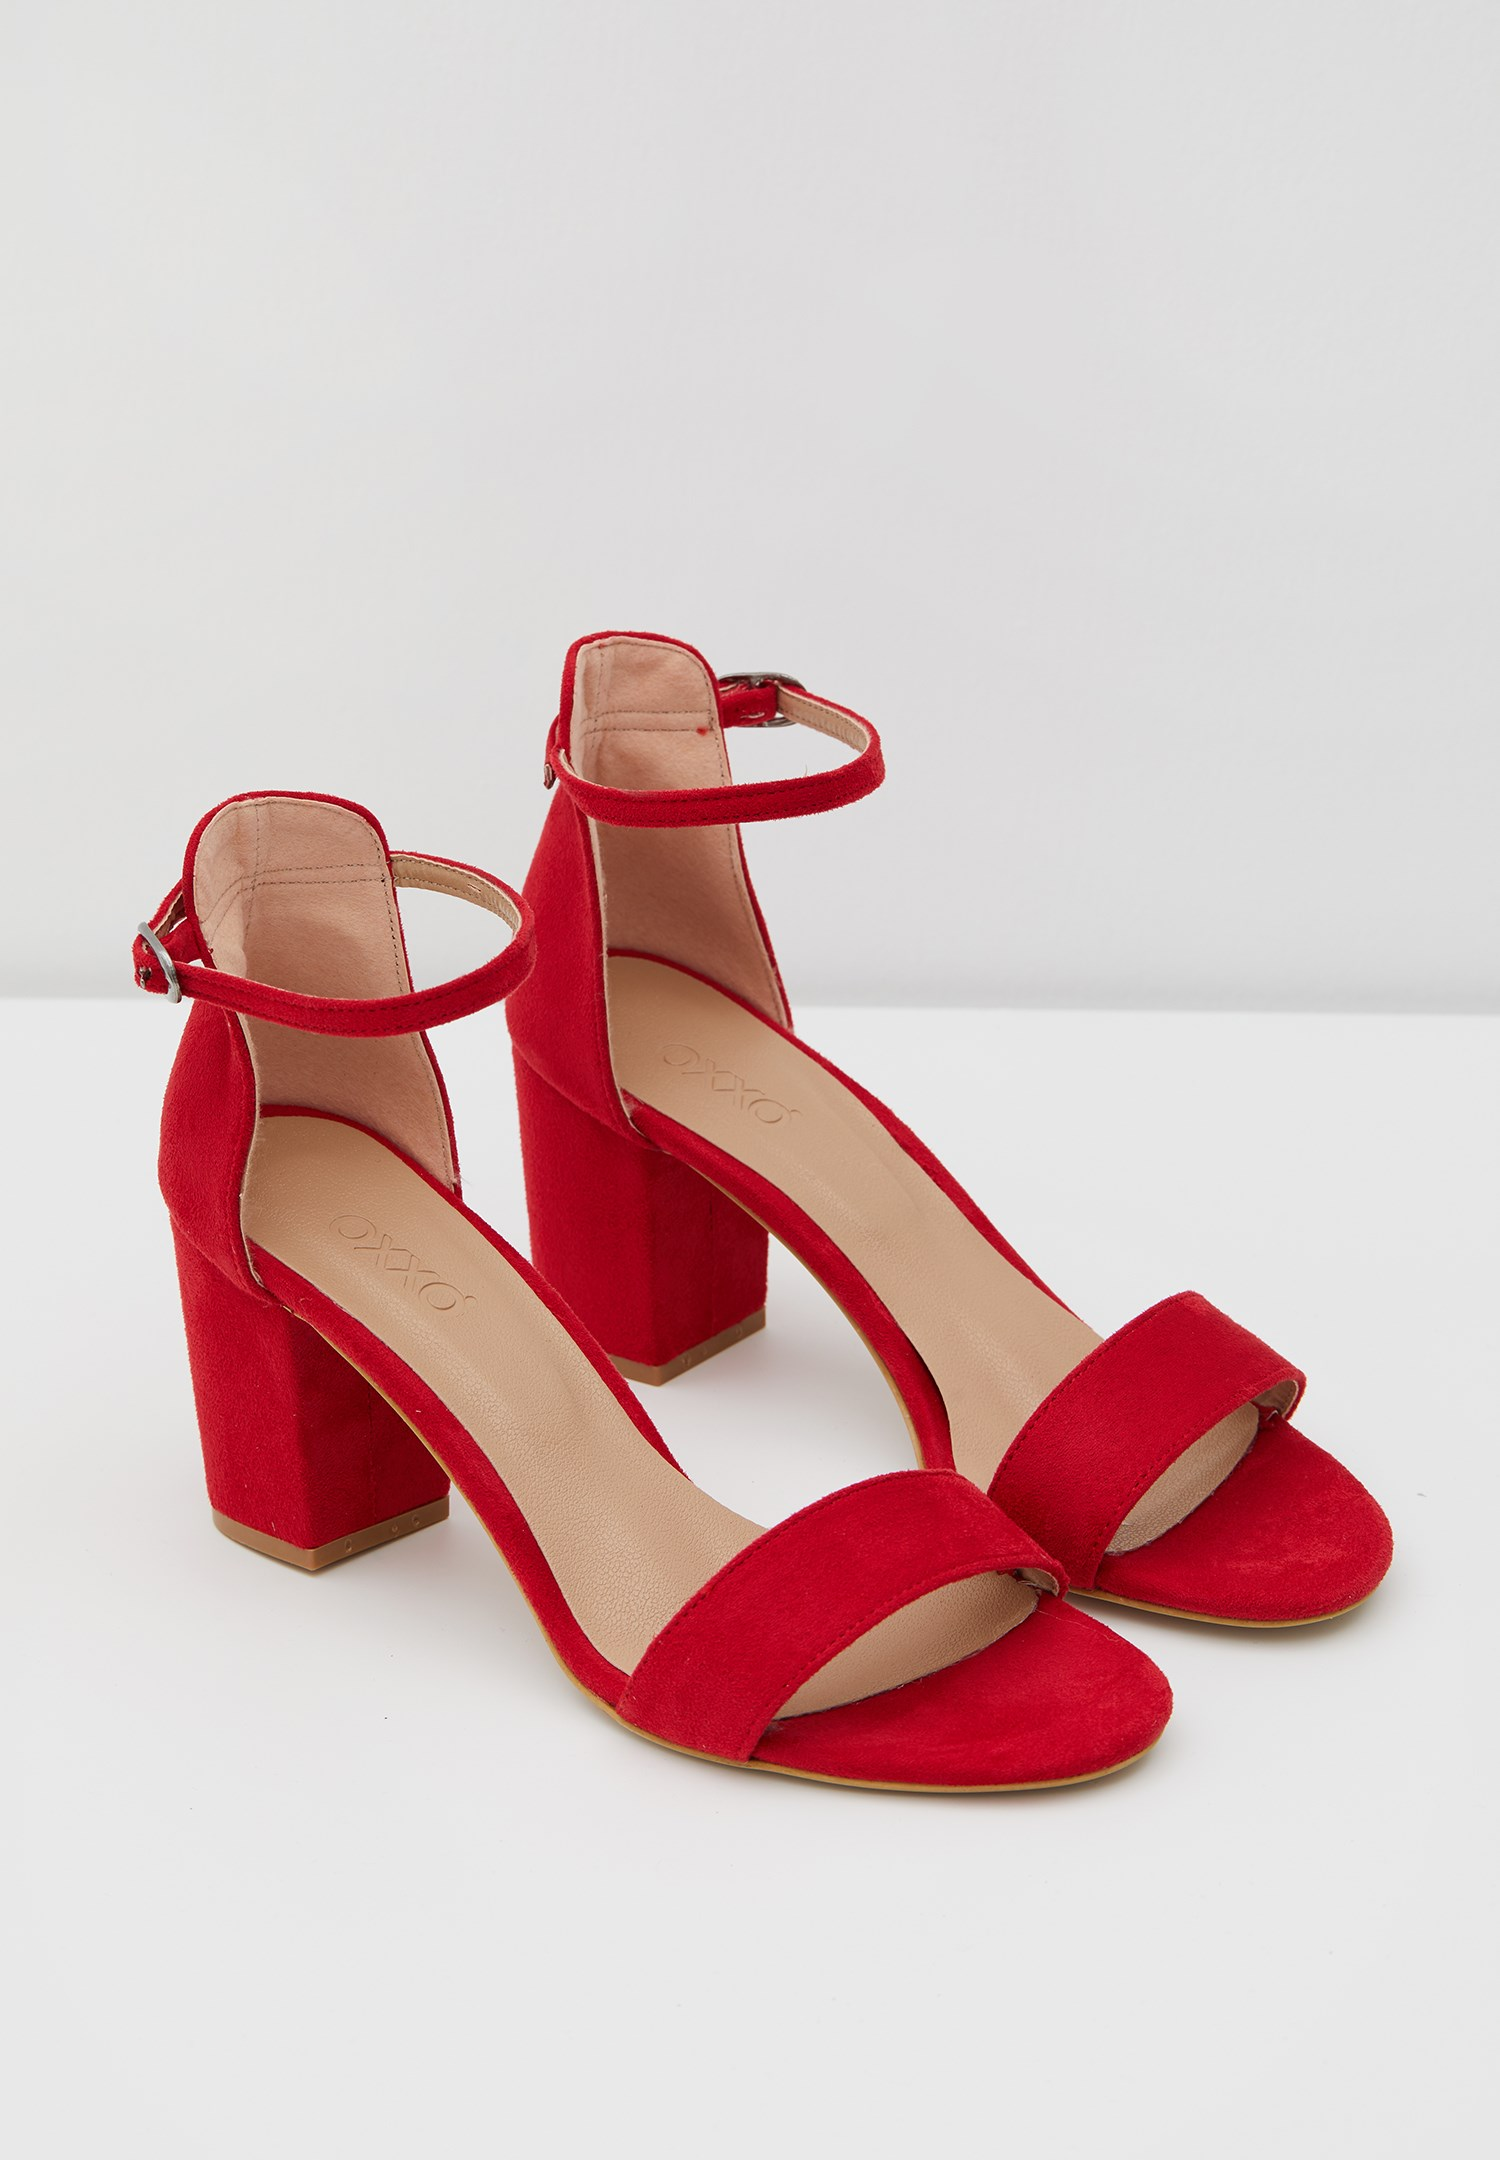 Bayan Kırmızı Şeritli Topuklu Ayakkabı